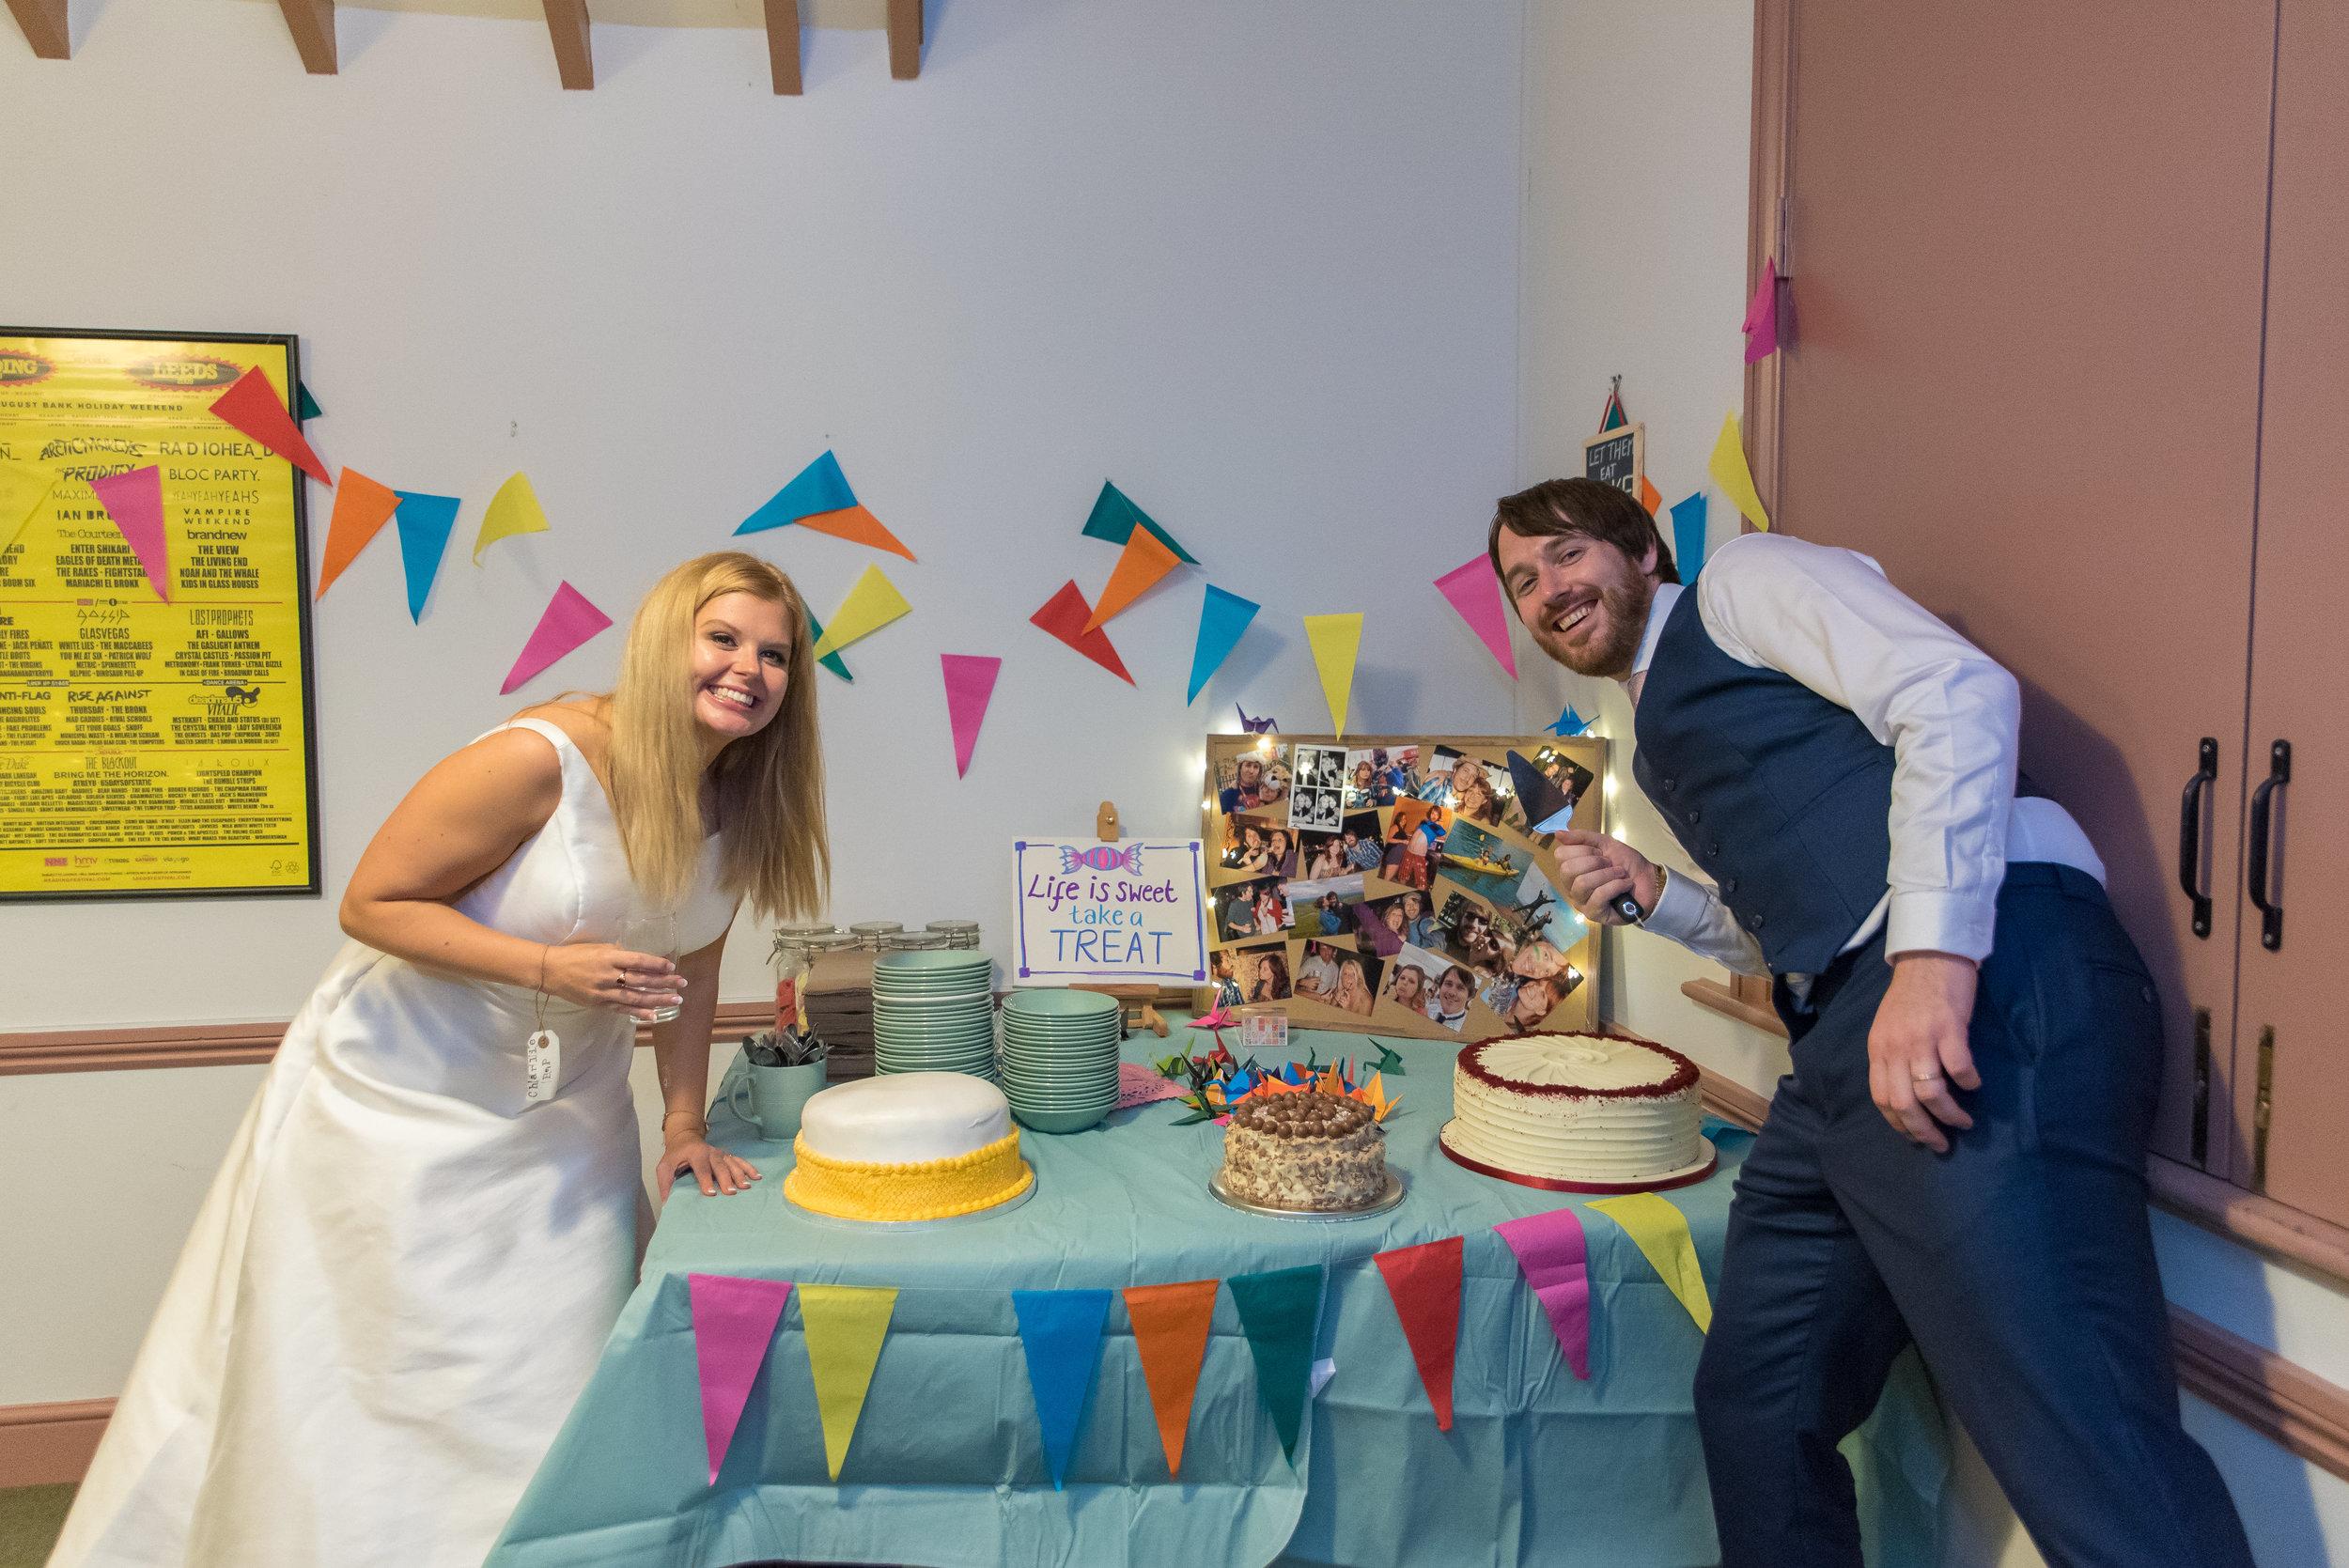 New Forest Village Hall Wedding / Sarah-Fishlock-Photography / Hampshire-Wedding-Photographer-Hampshire / wedding-cake-table